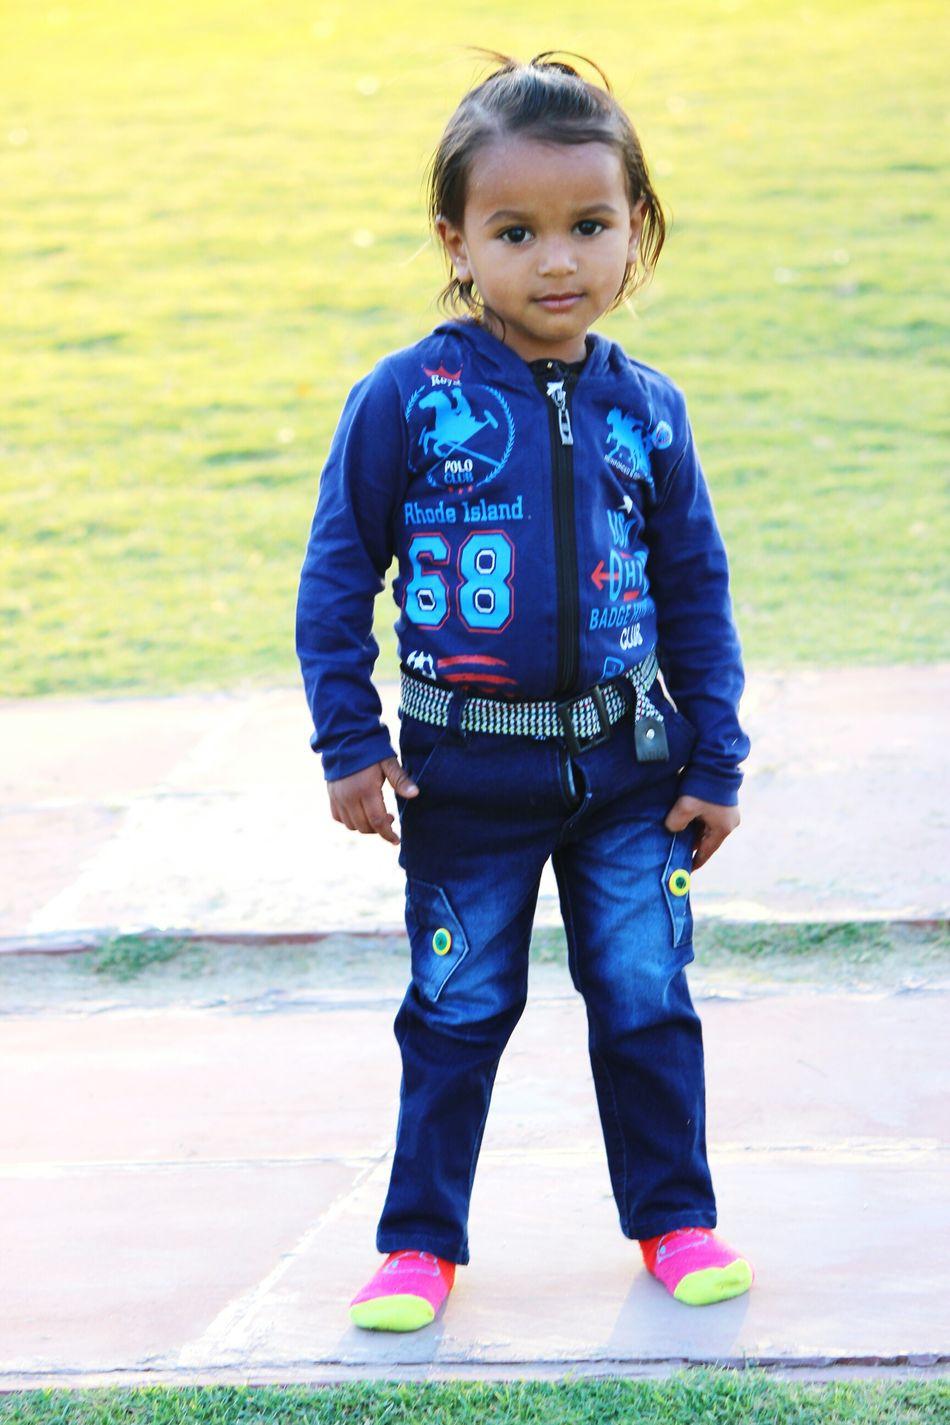 Cute Child Smiling Love Click Click 📷📷📷